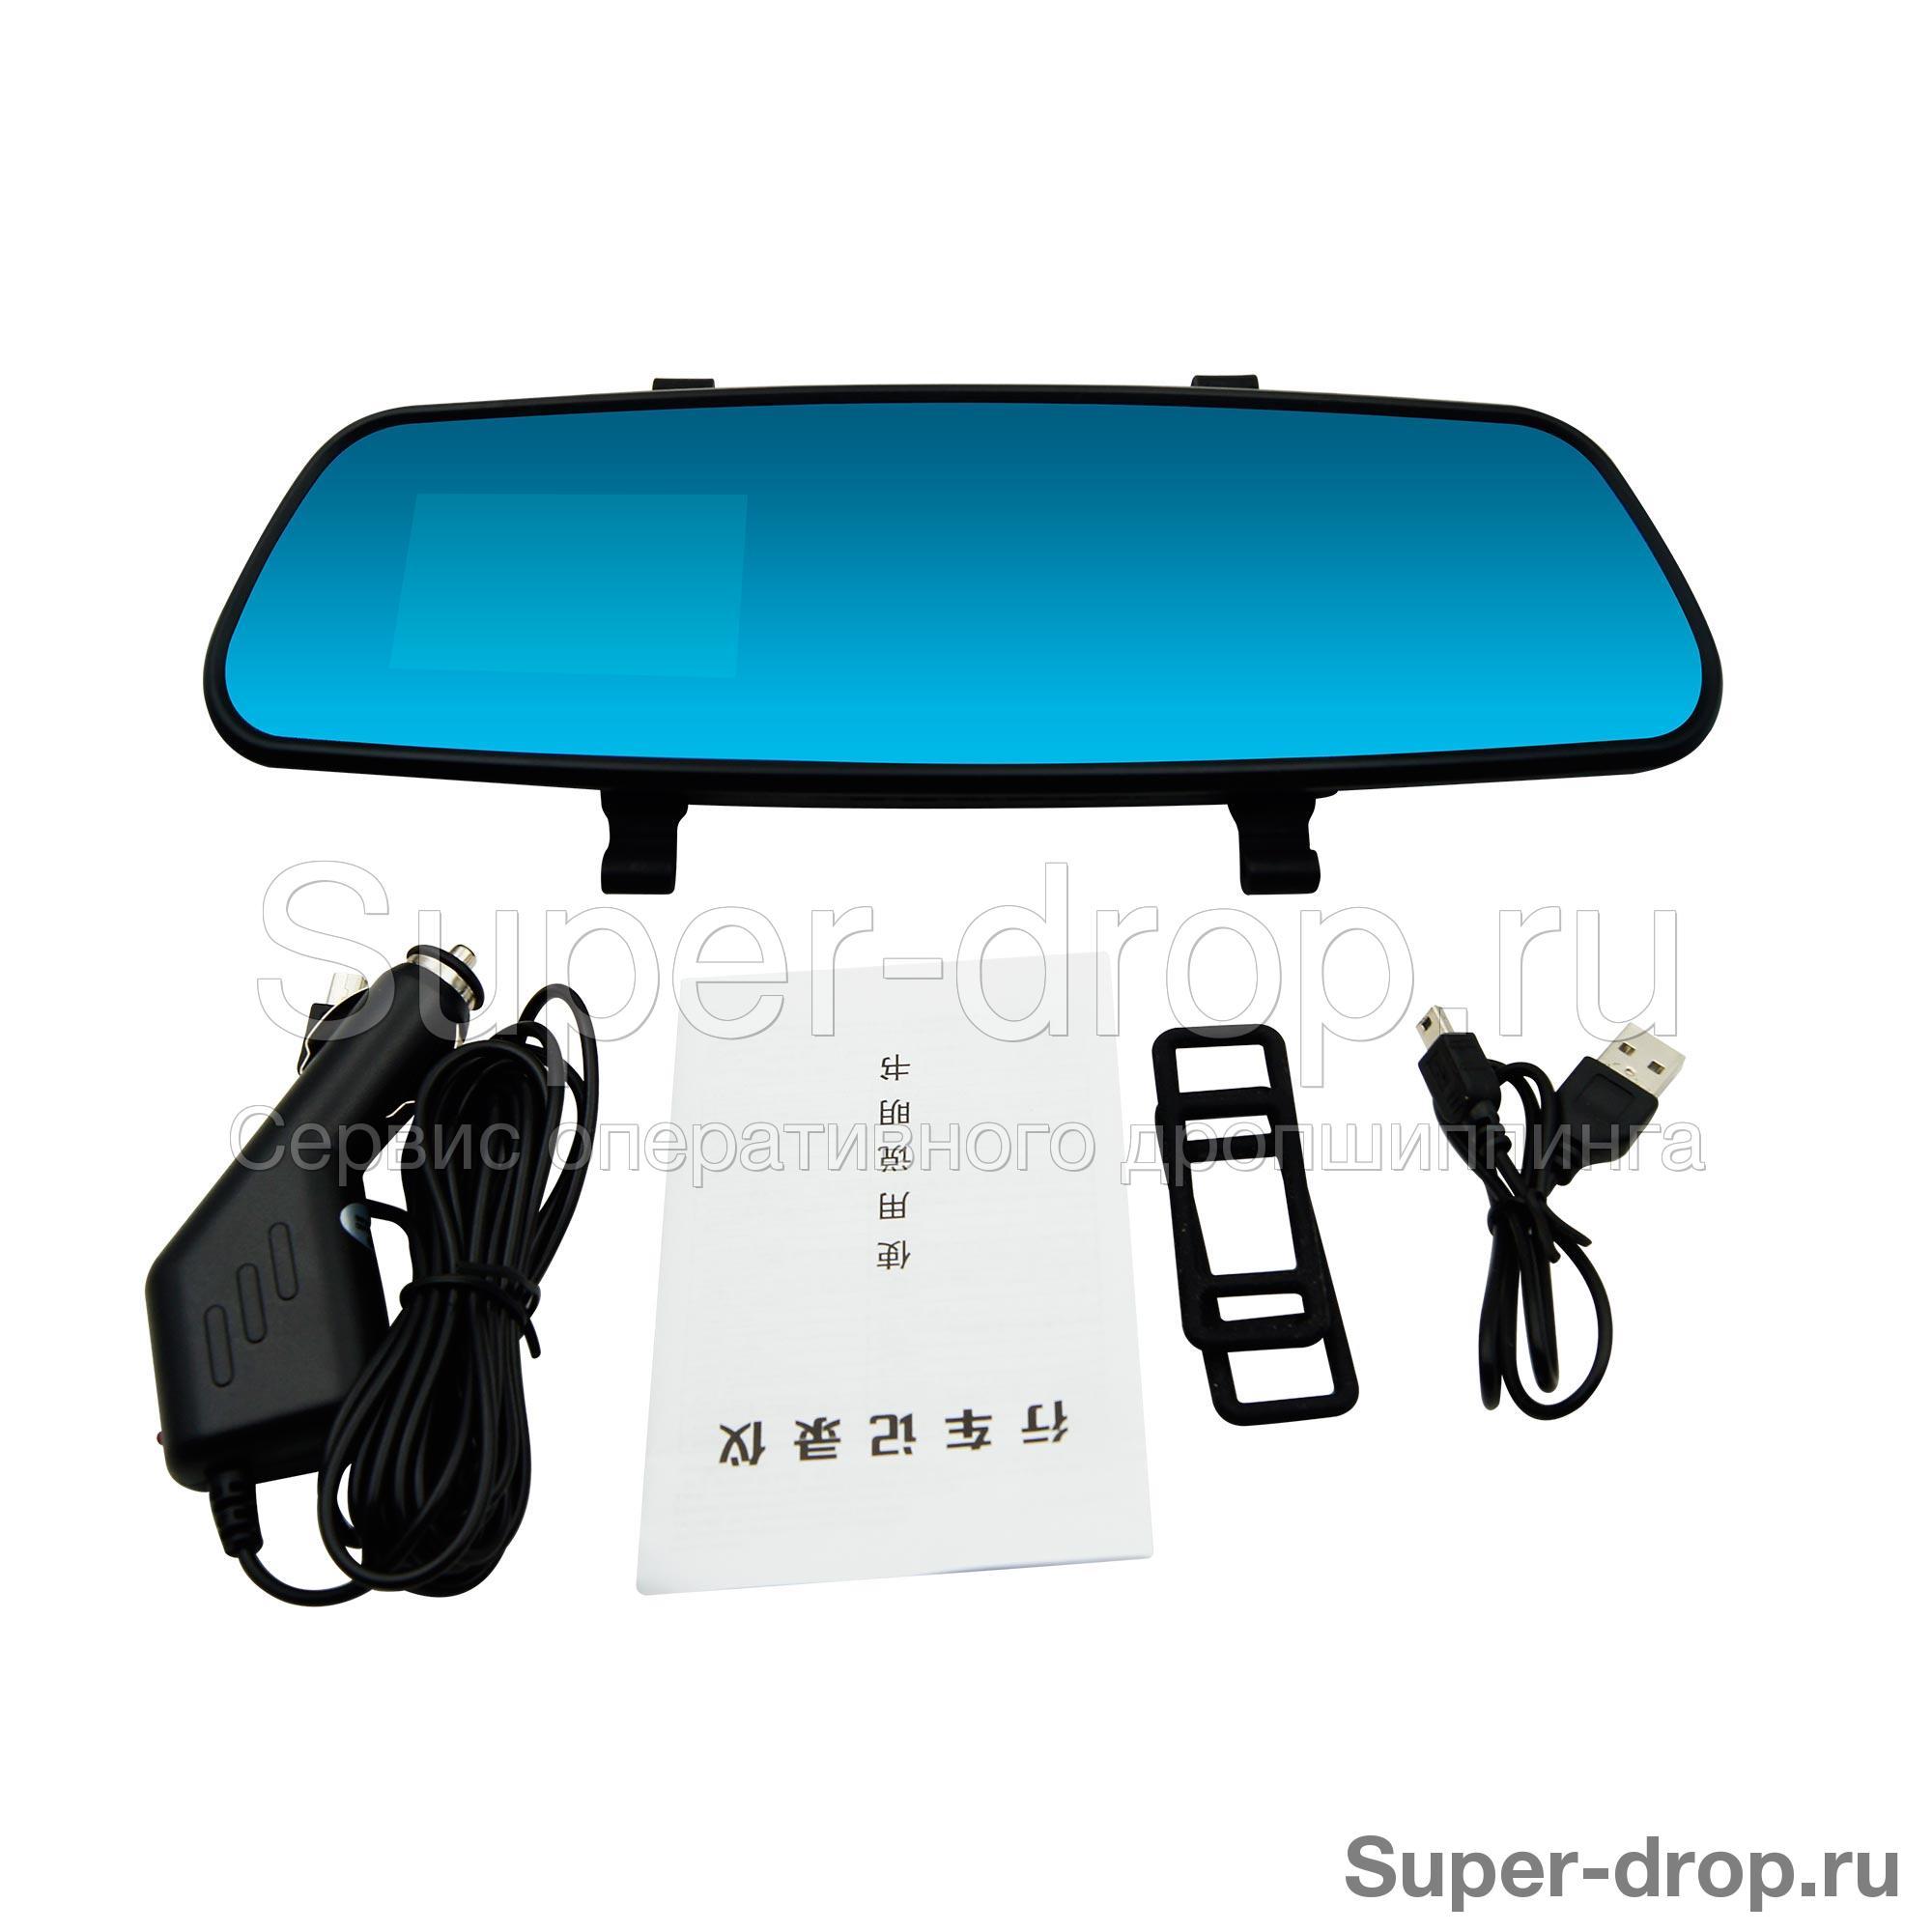 Зеркало заднего вида со встроенным видеорегистратором установка видеорегистраторов вираж